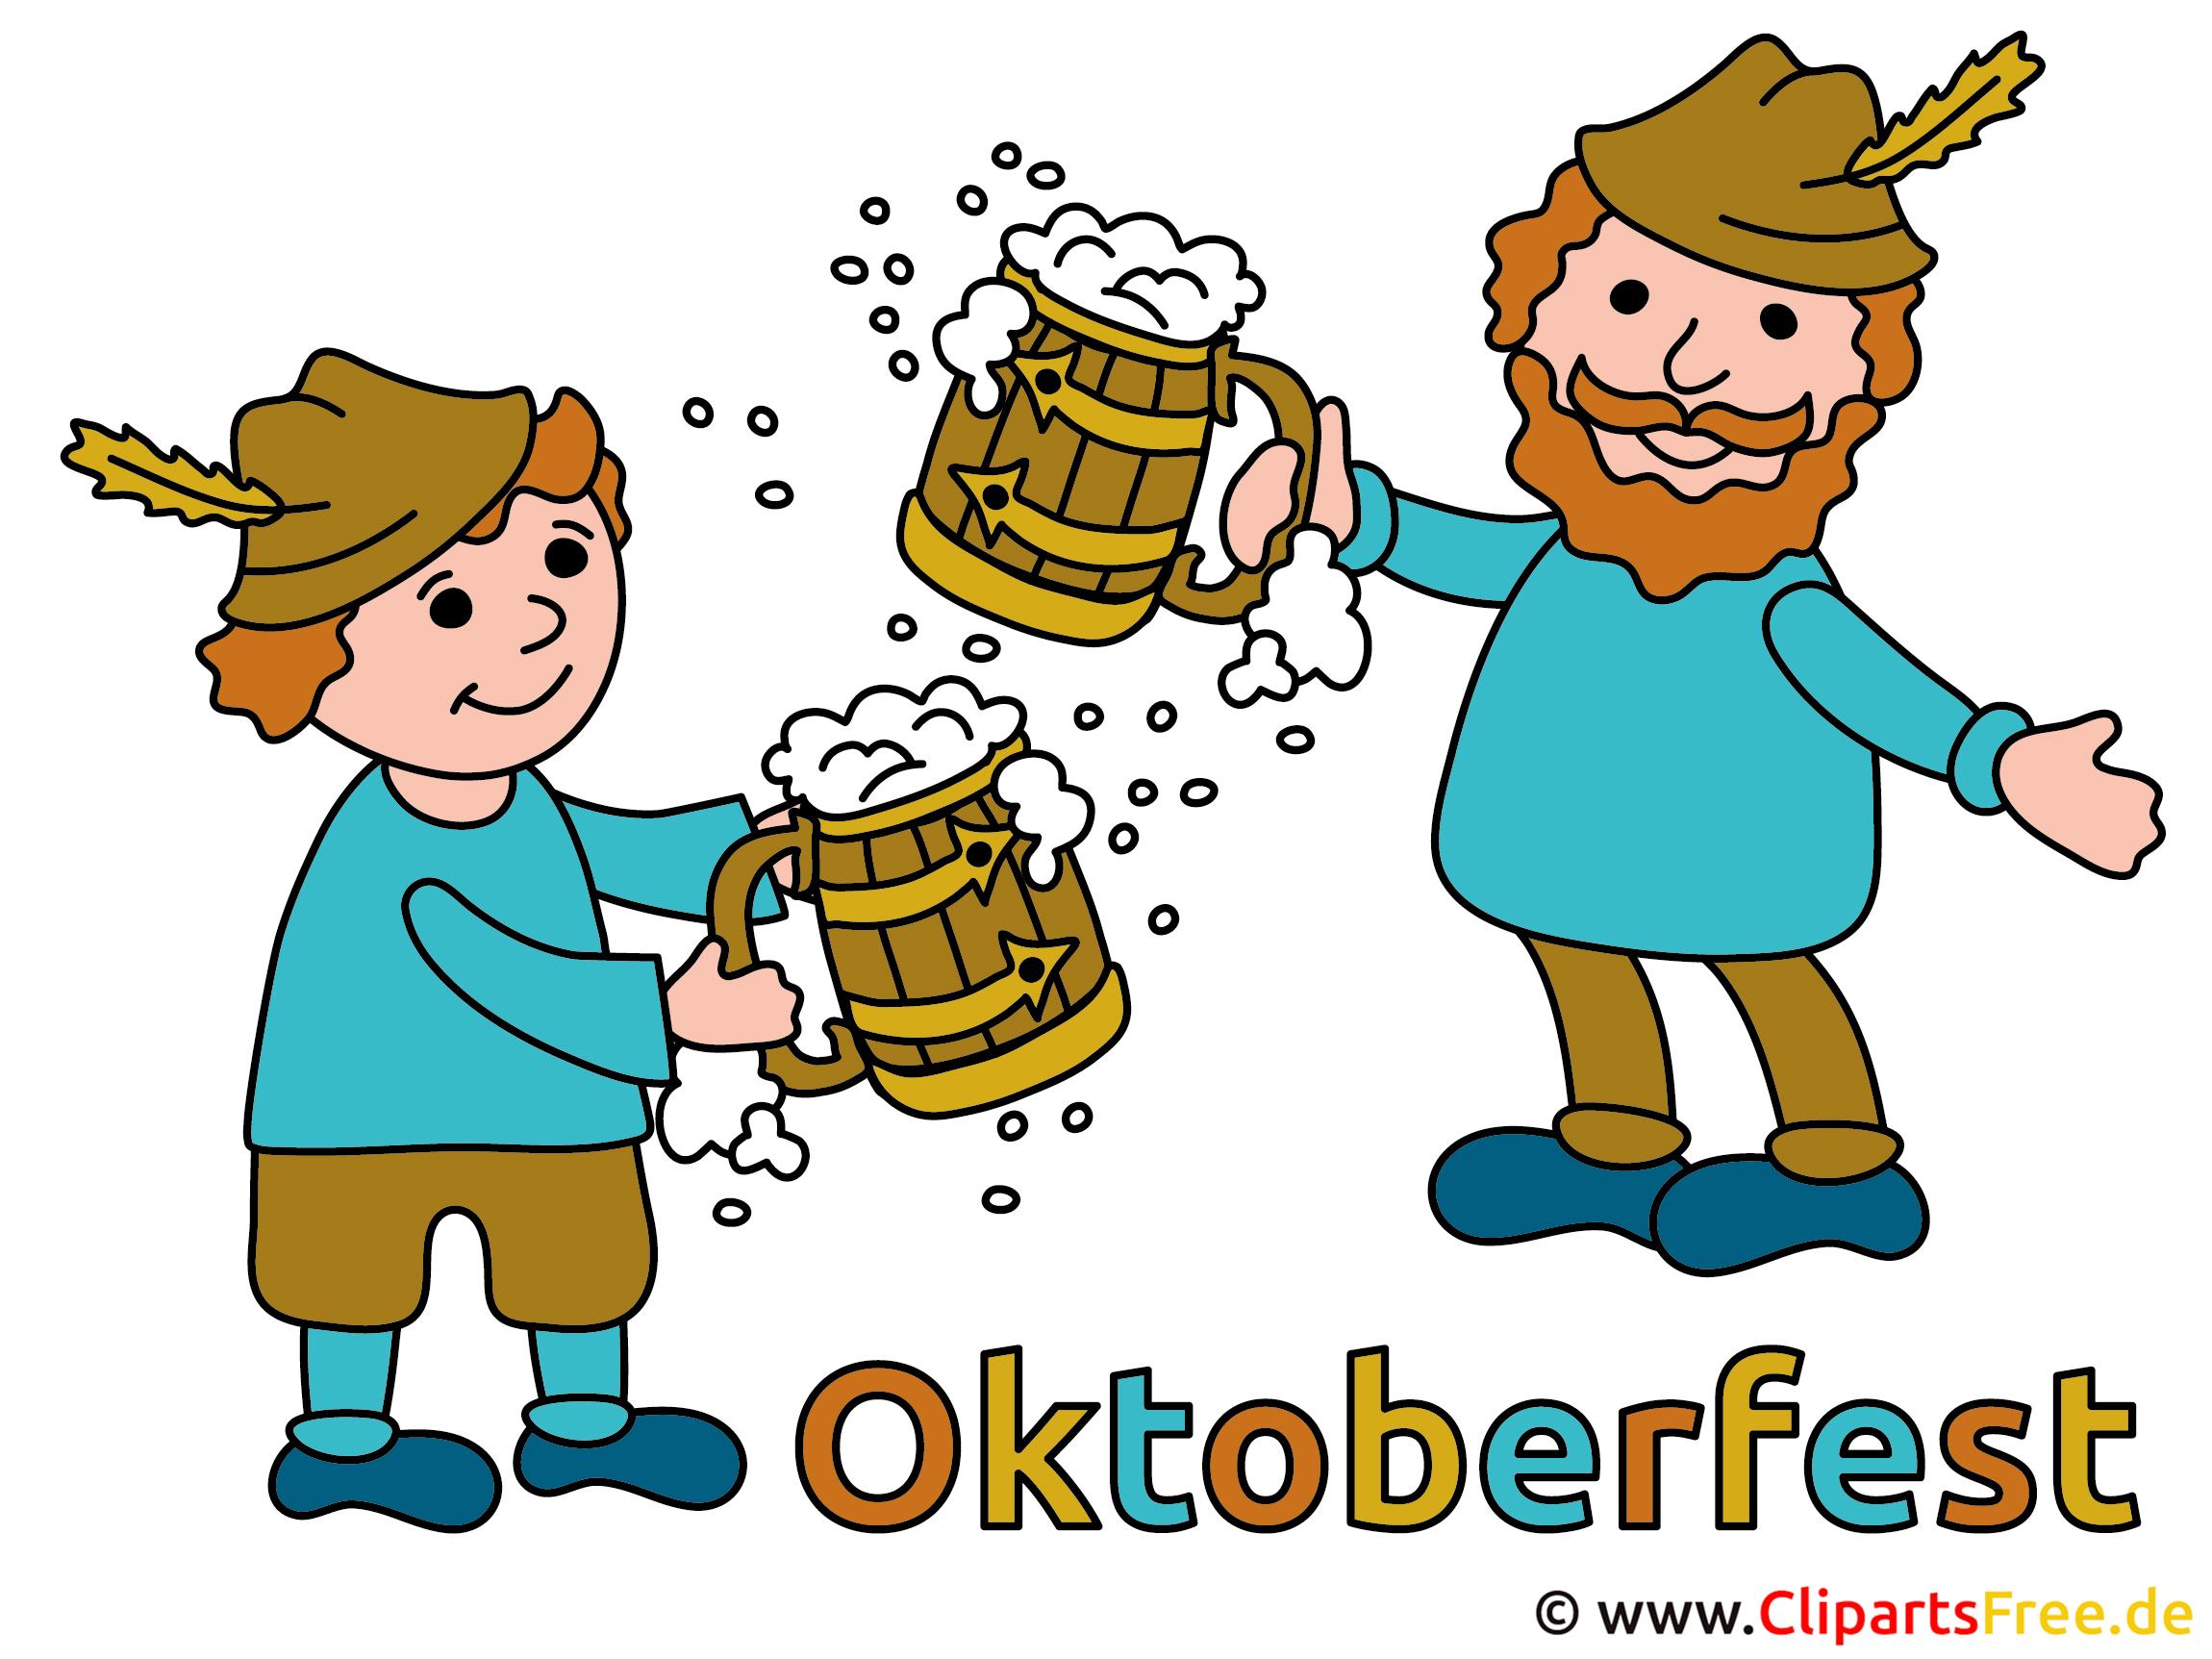 Oktoberfest Einladung gestalten